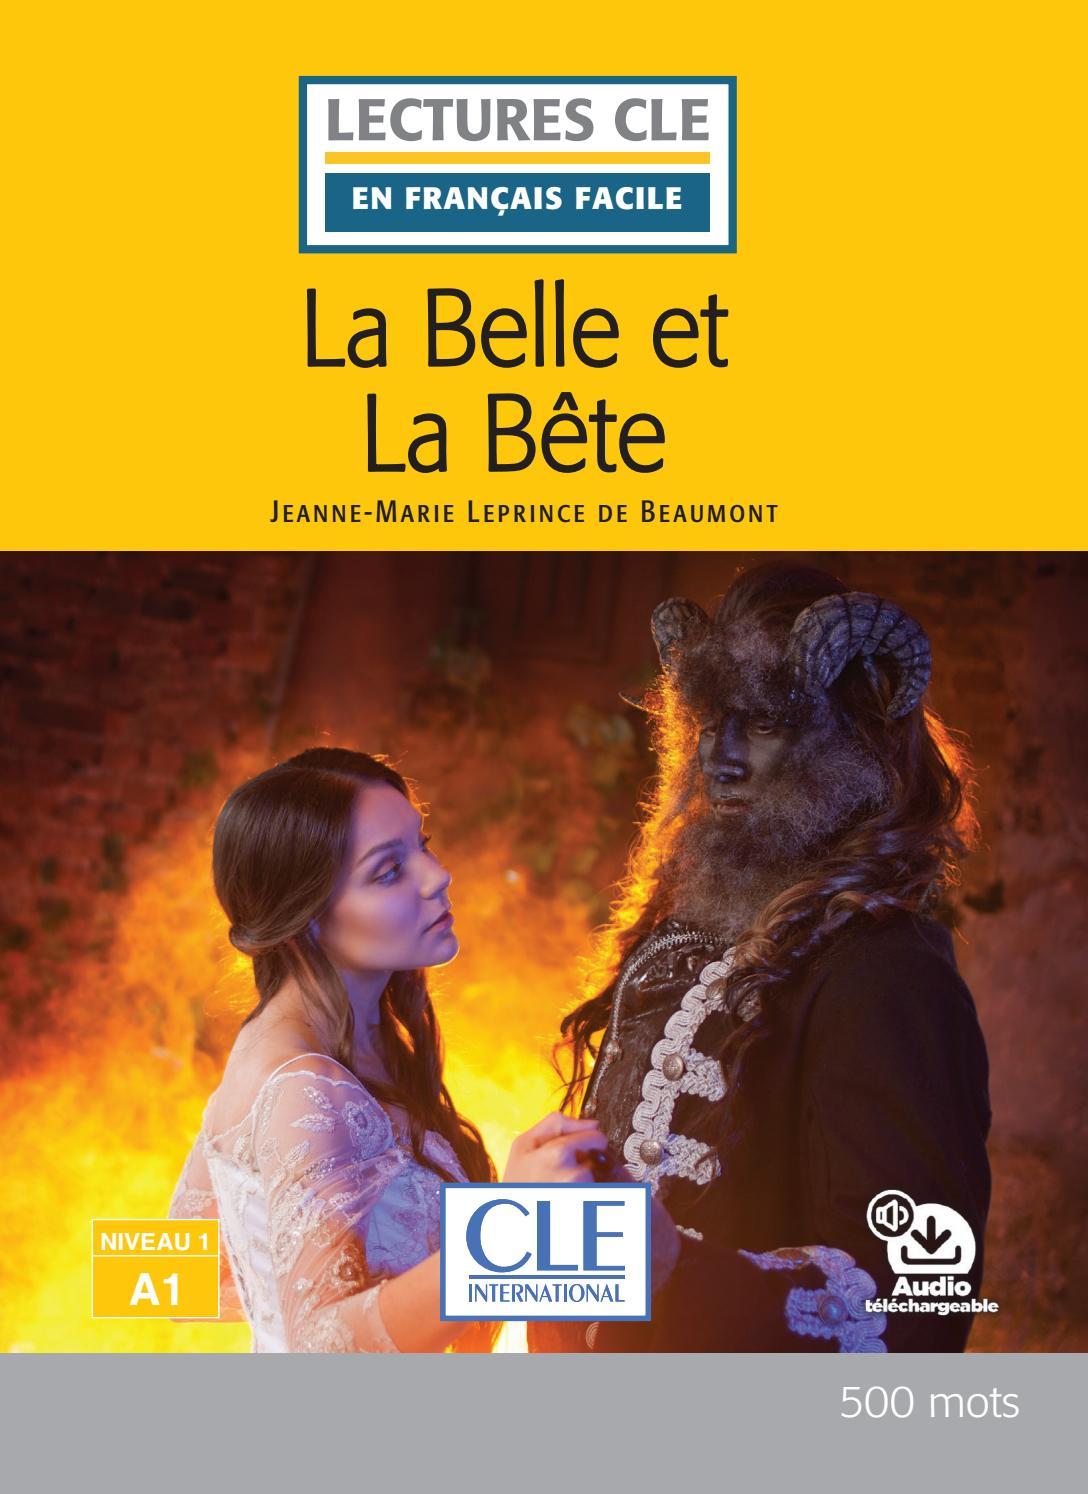 Auteur De La Belle Et La Bete : auteur, belle, Belle, Bête, Niveau, Lecture, Français, Facile, Nouveauté, Livre, Audio, International, Issuu